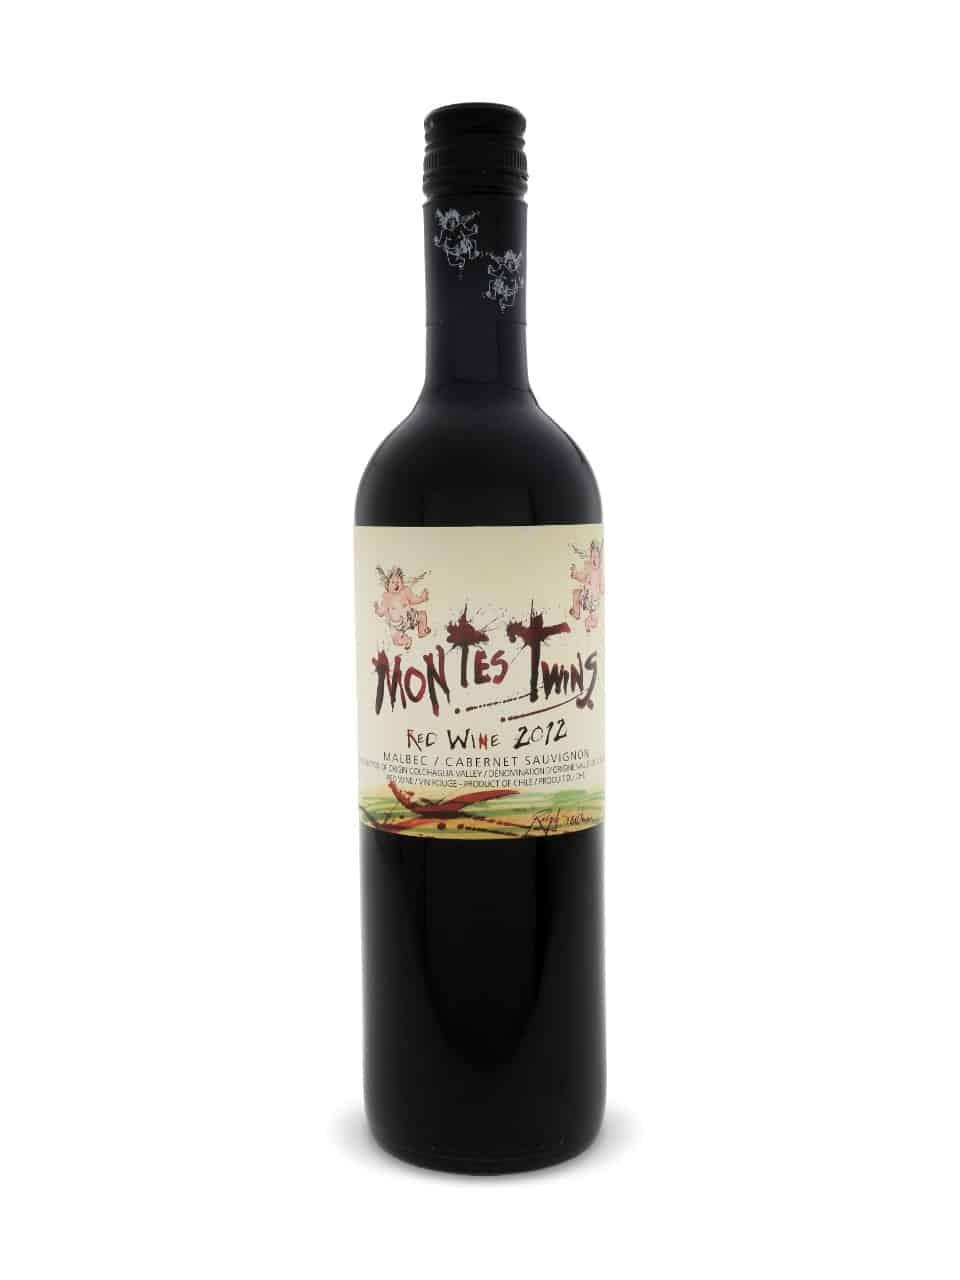 Montes TWINS Malbec Cabernet Sauvignon 11 _ 12 2011_2012 75cl